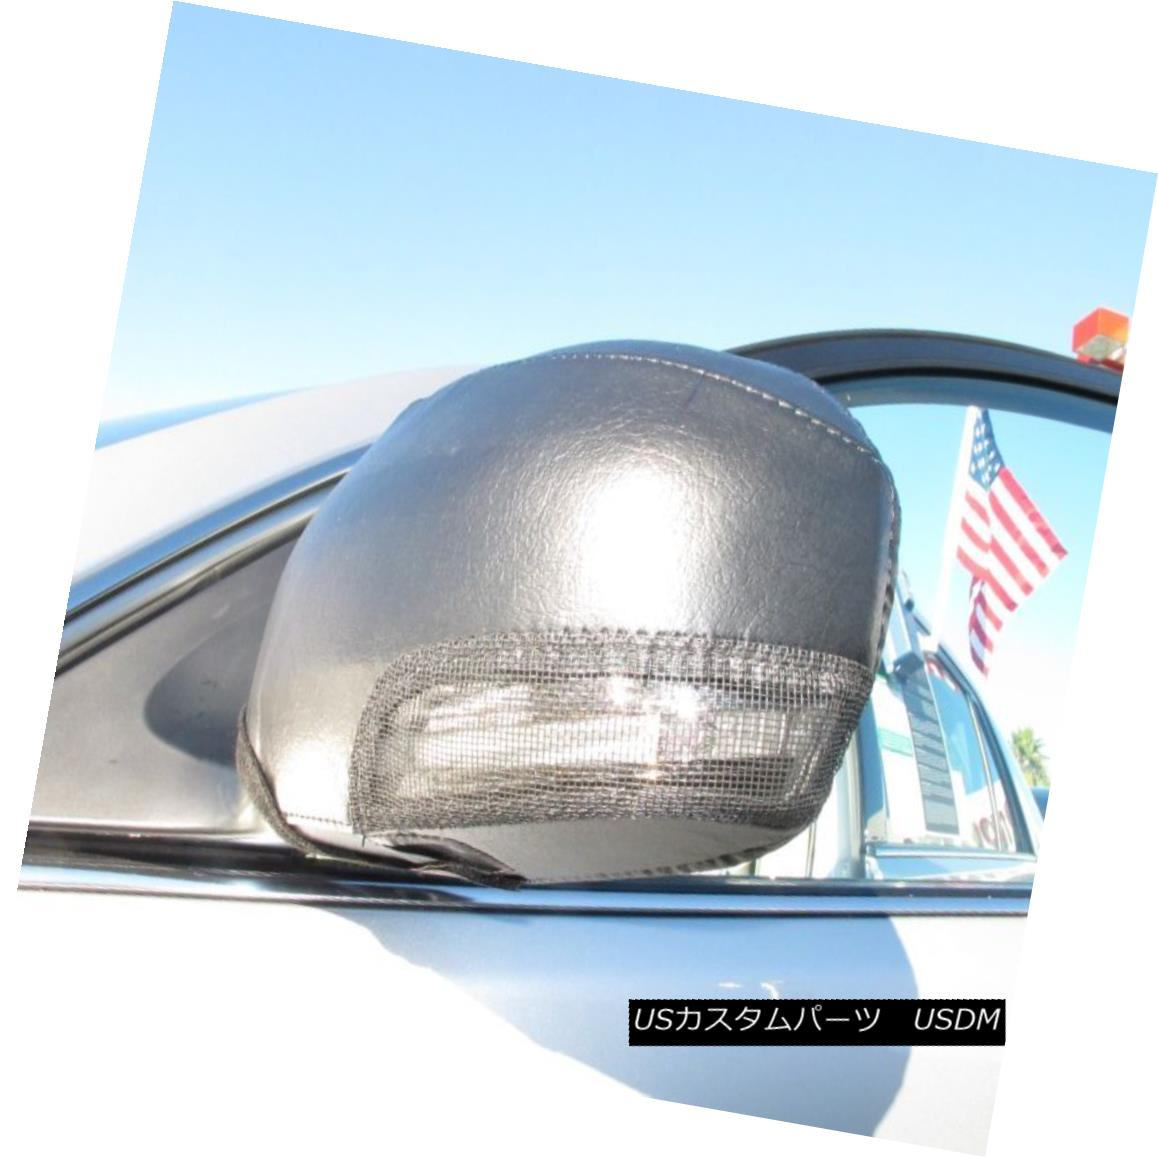 フルブラ ノーズブラ Colgan Car Mirror Covers Bra Protector Black Fits 2011-2013 Toyota Avalon コルガン車のミラーカバーは、2011年?2013年のトヨタアバロンに適合するブラケットプロテクターブラック